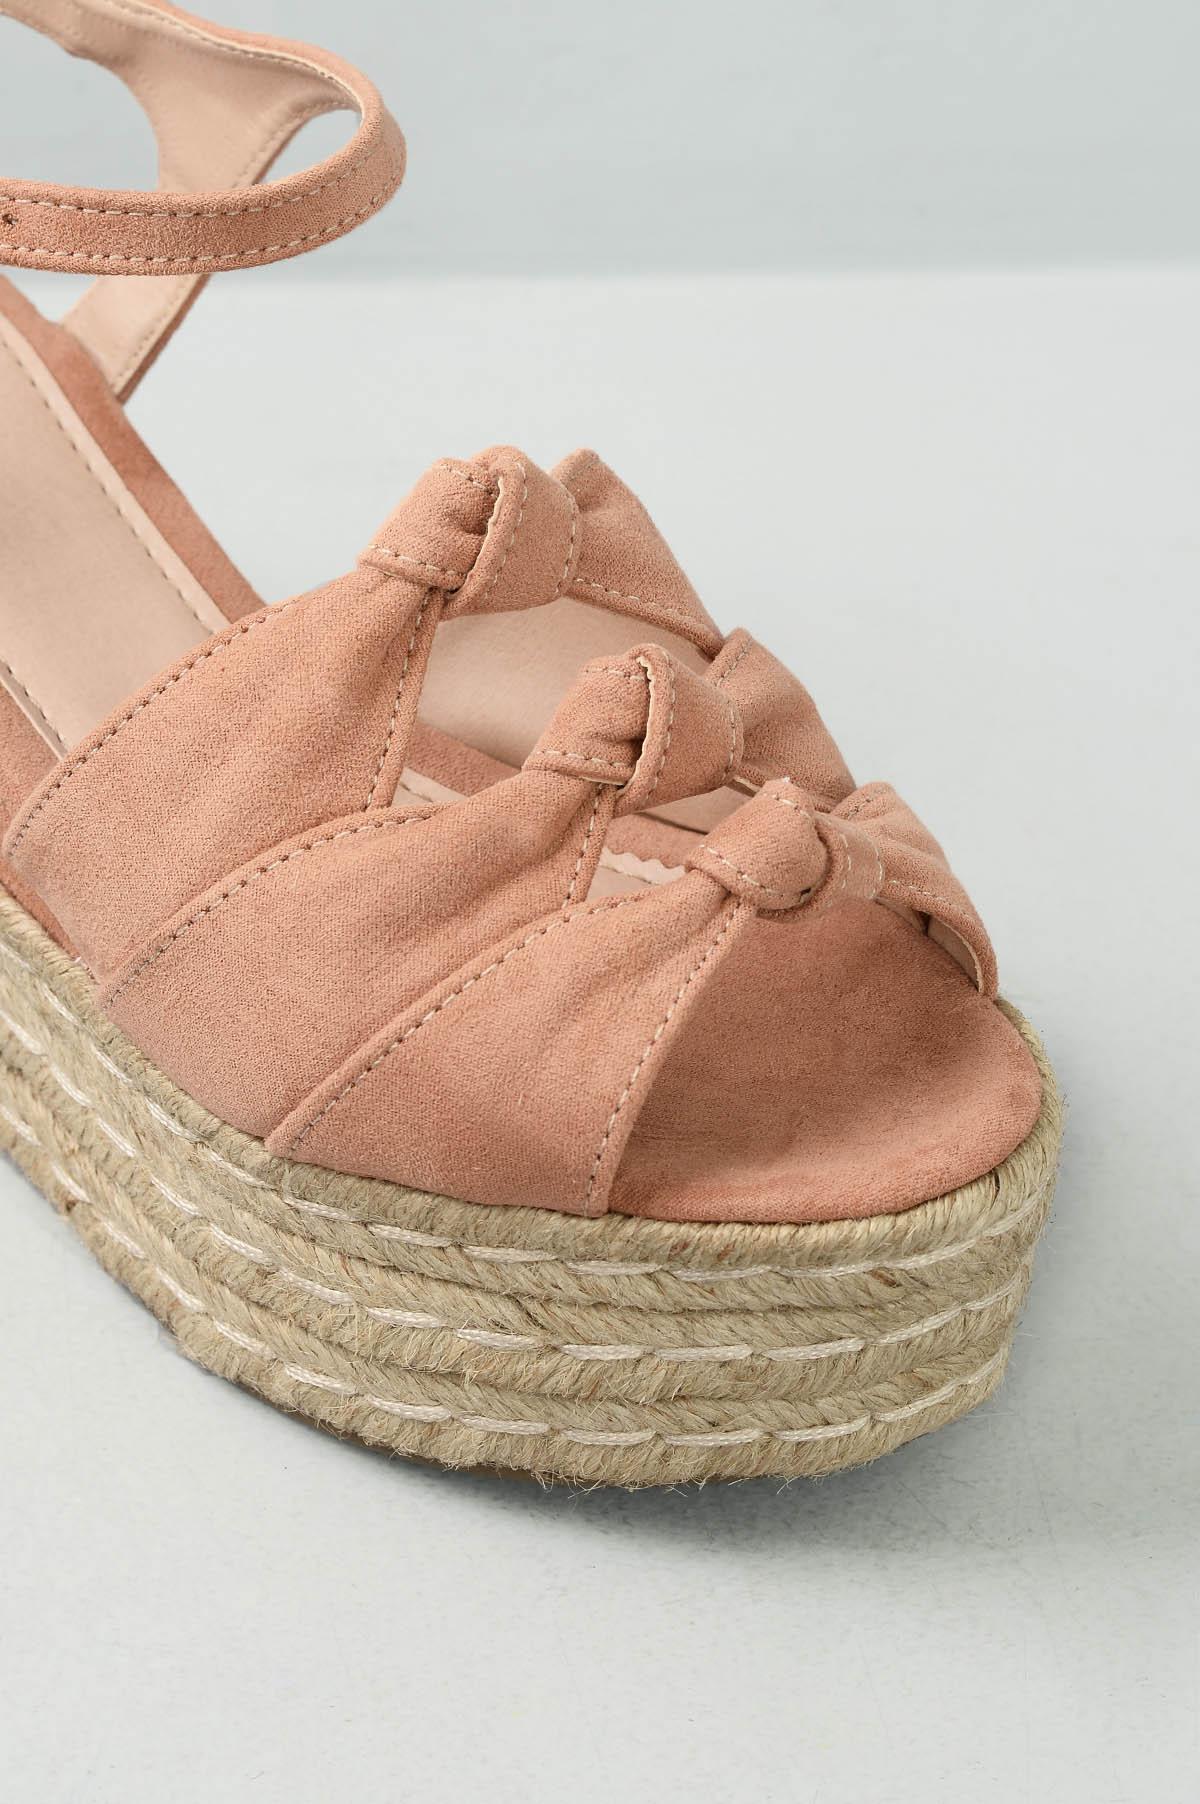 8d542c119e Sandália Feminina Anabela Marah Mundial CAM - NUDE - Mundial Calçados